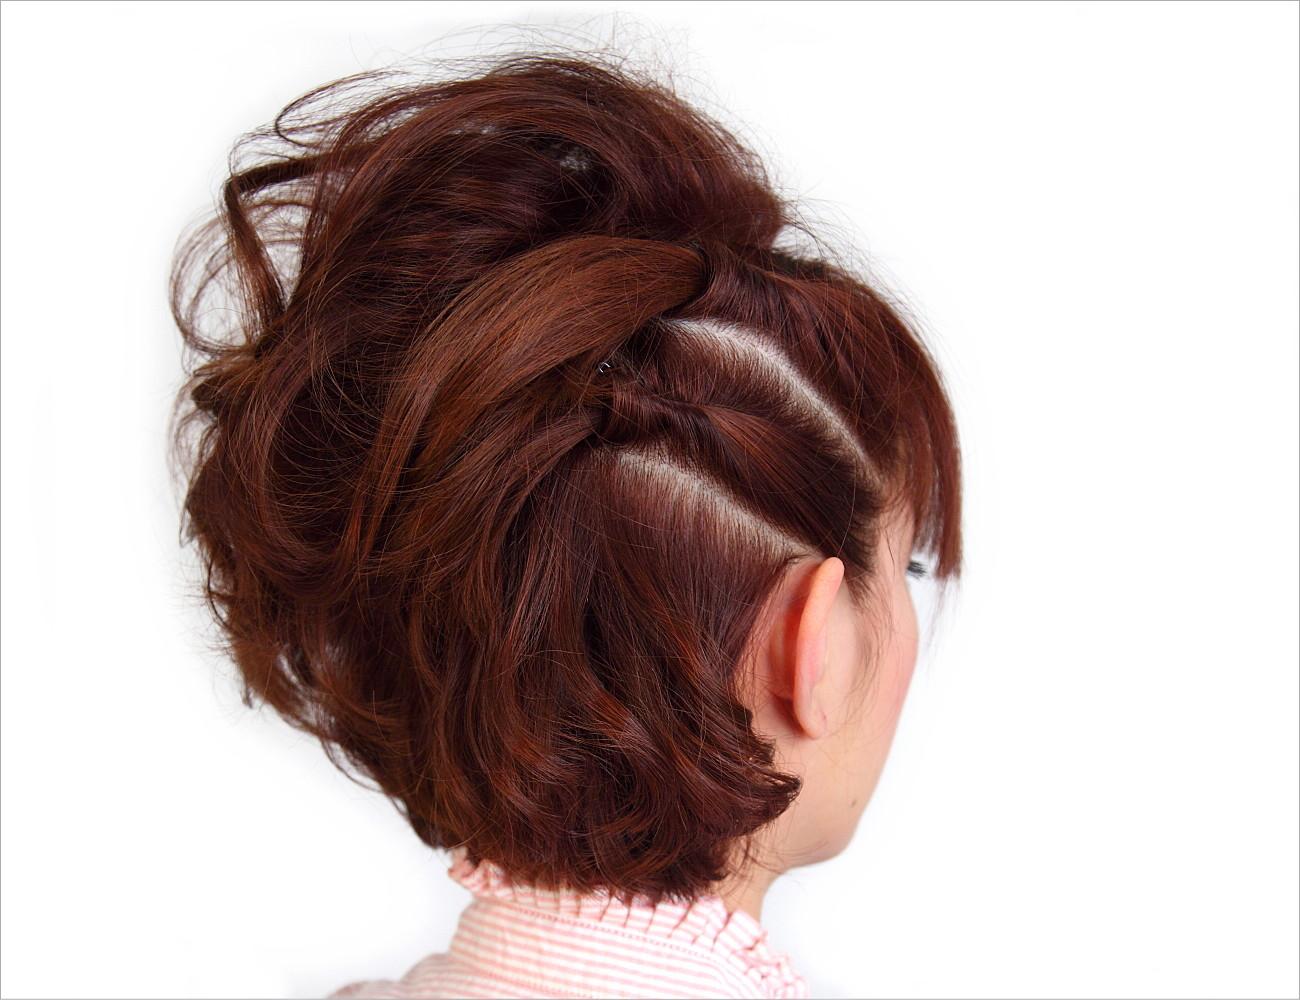 片側ねじり上げの巻き髪盛りヘア